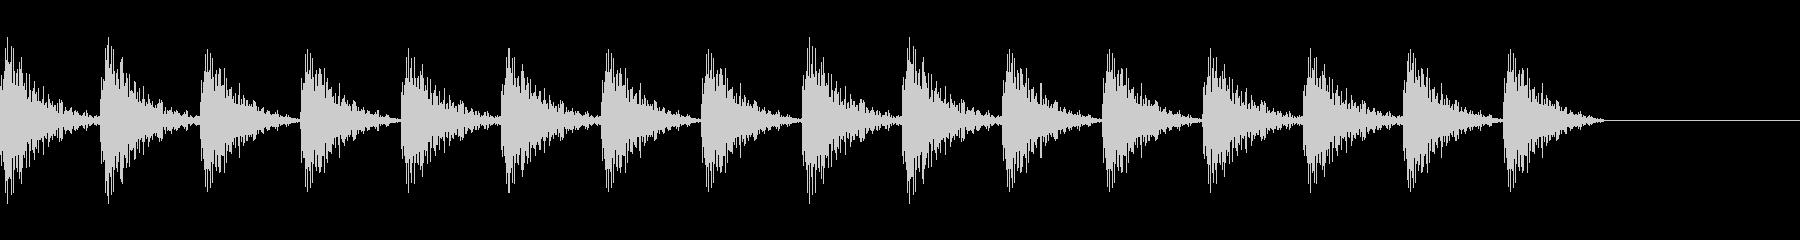 どんどん(巨人、速歩き)A17の未再生の波形